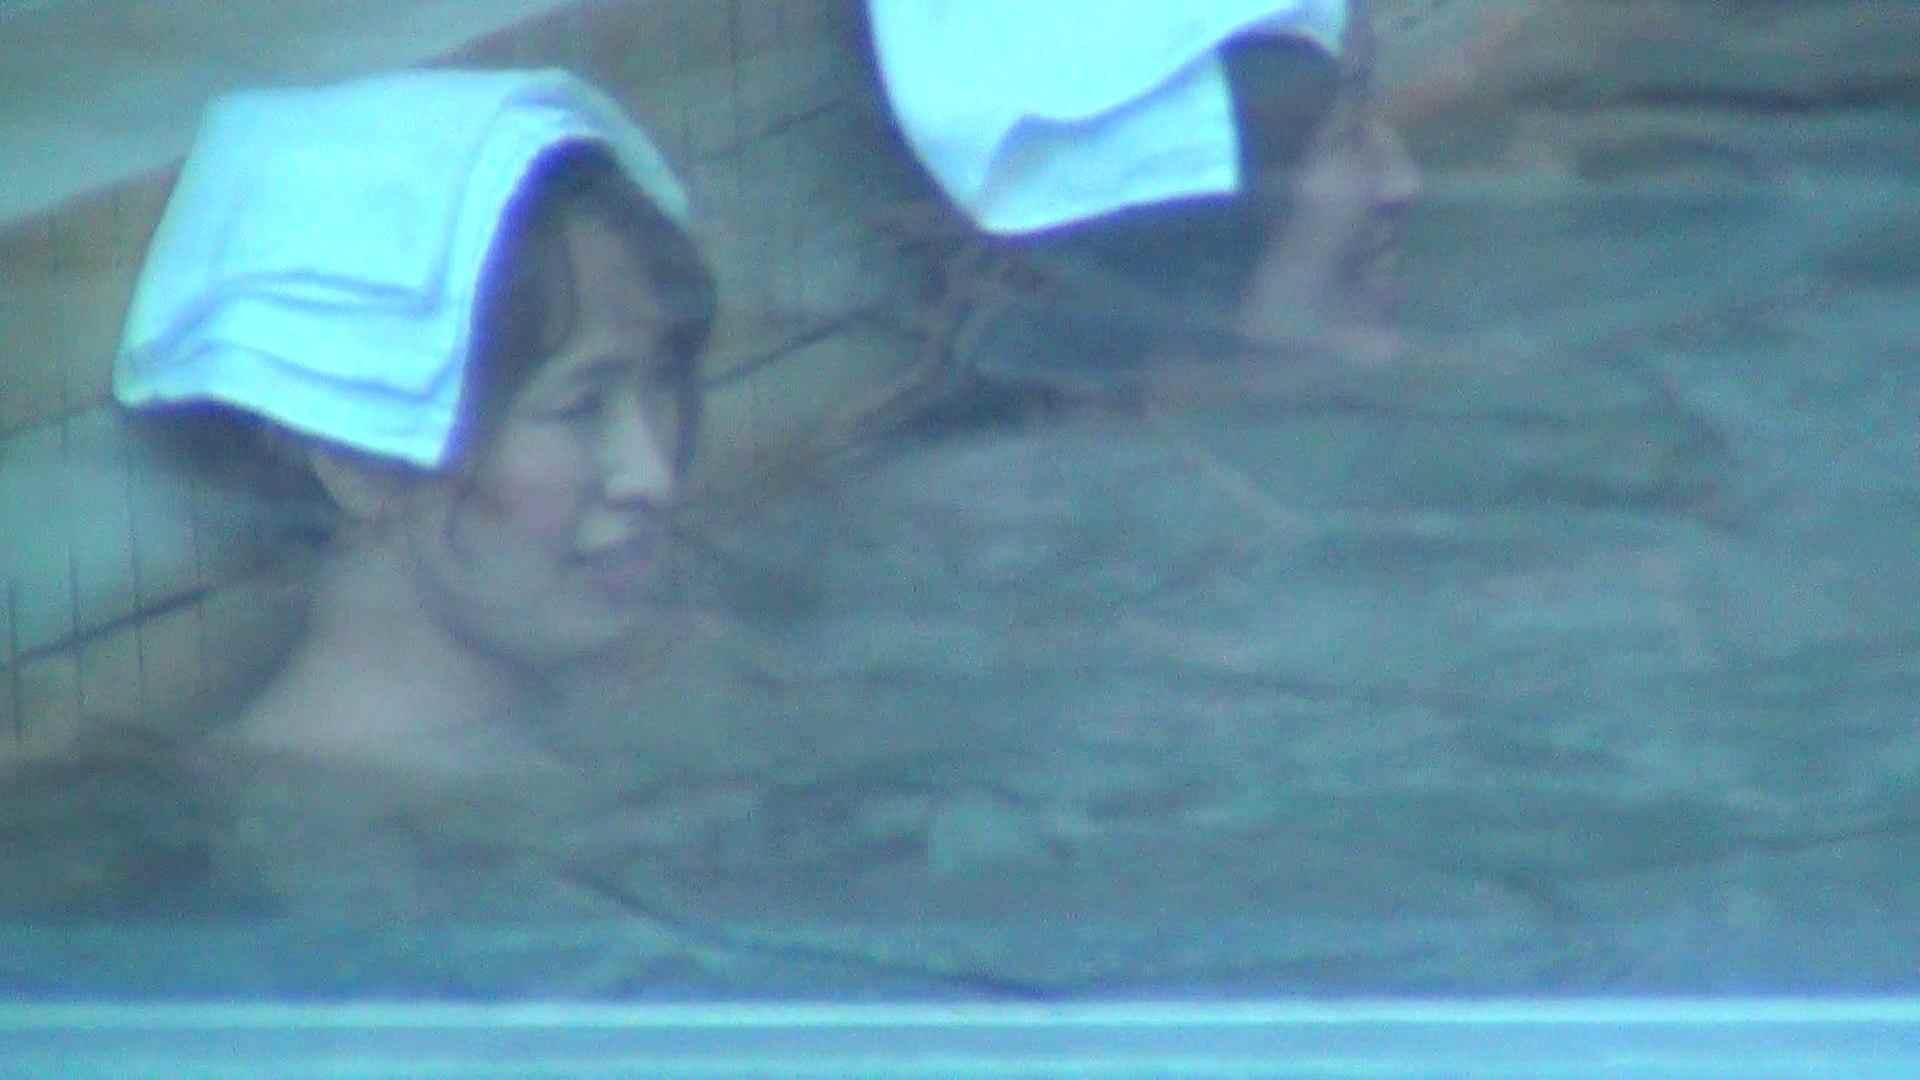 Aquaな露天風呂Vol.272 露天 | OLエロ画像  99PICs 4